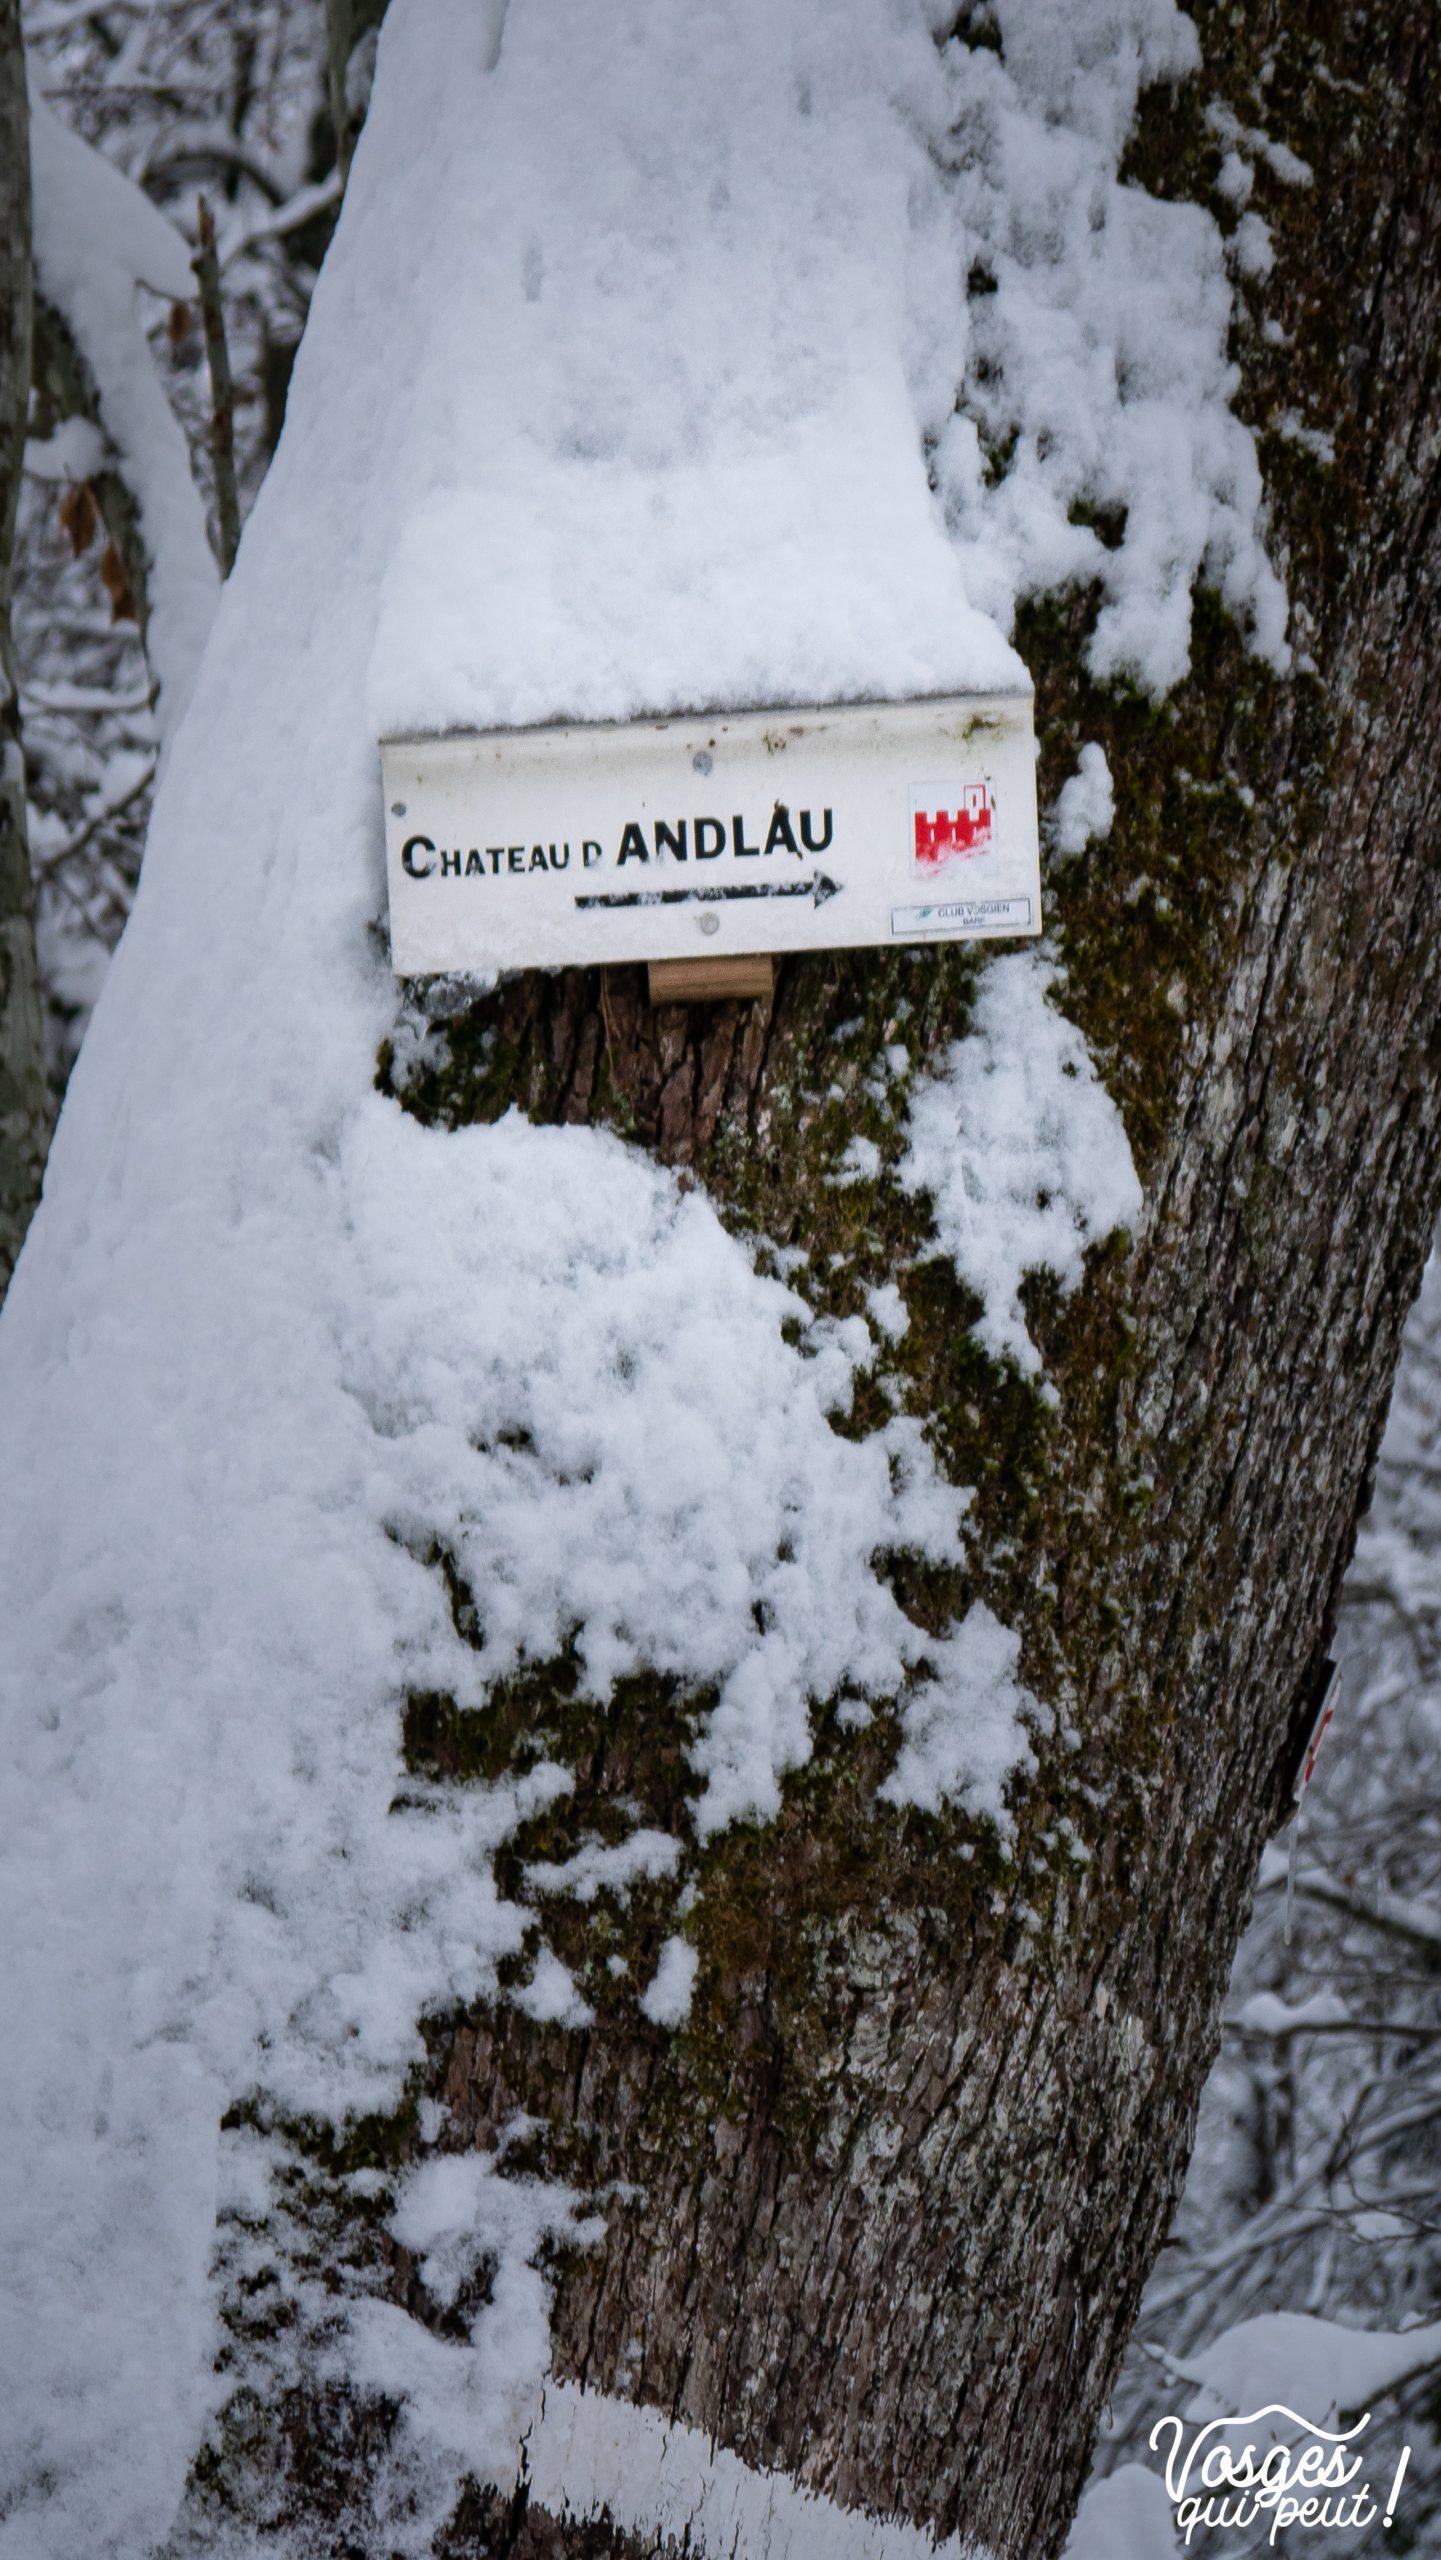 Panneau directionnel du club vosgien vers le château d'Andlau dans les Vosges